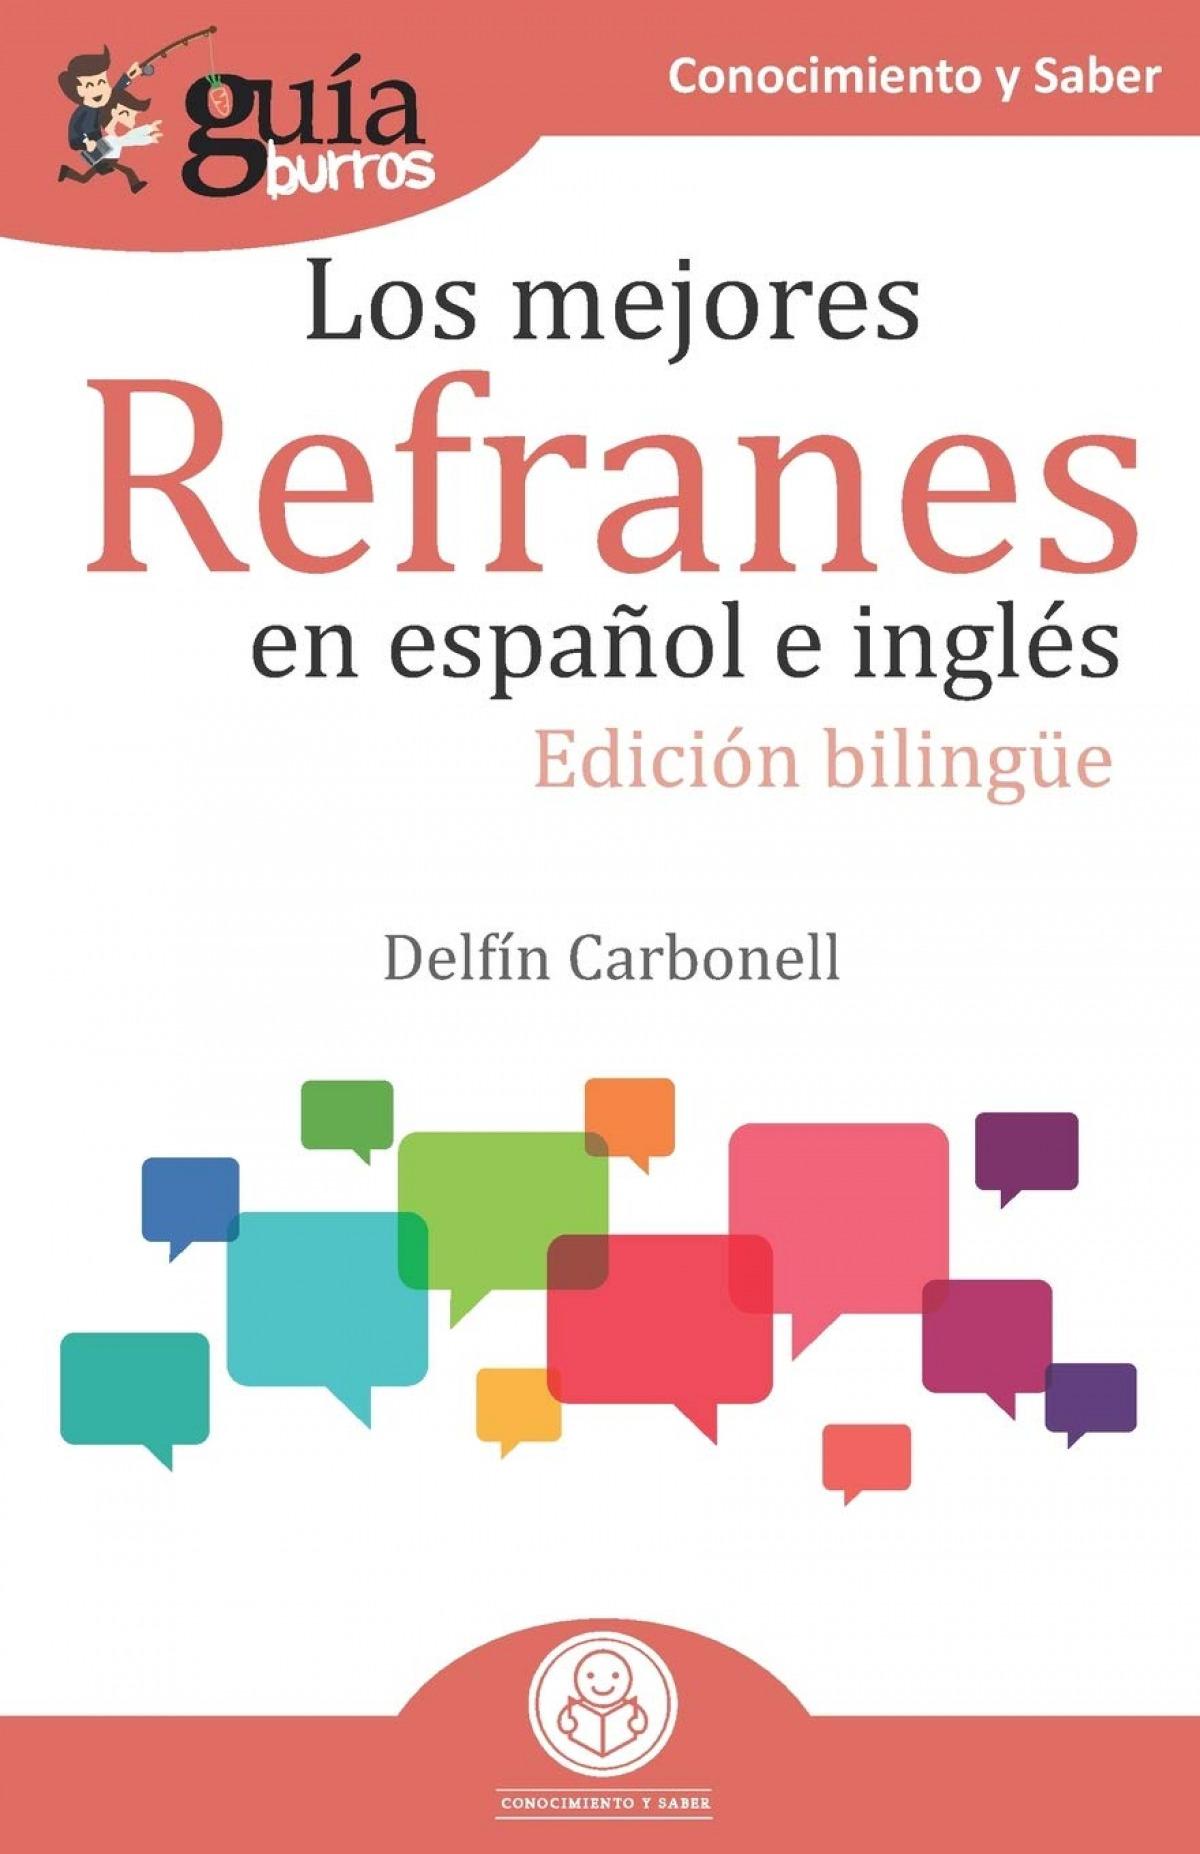 Gu¡aBurros Los mejores refranes en español e inglés 9788418121166